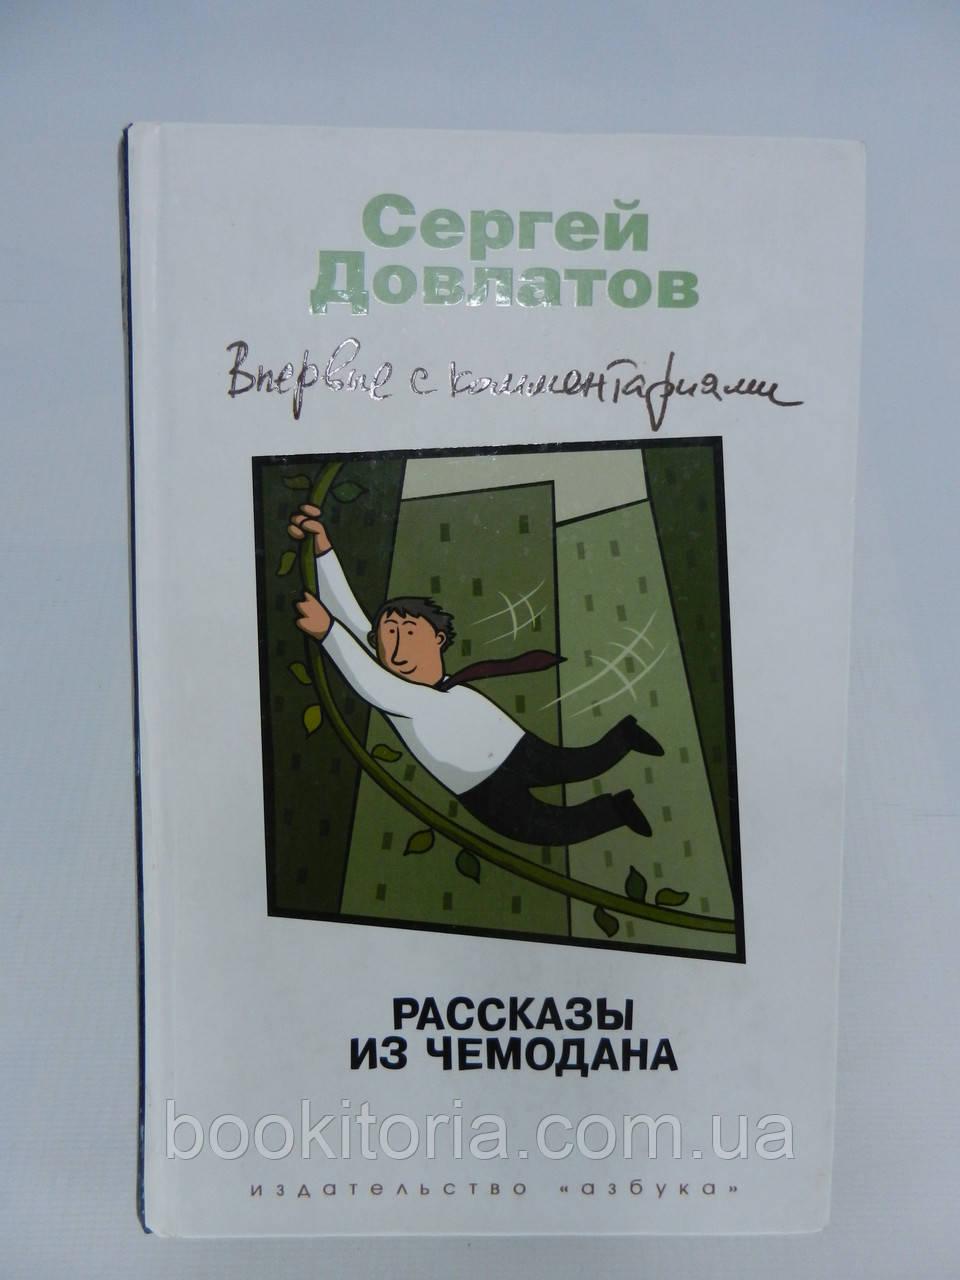 Довлатов С. Рассказы из чемодана. Впервые с комментариями (б/у).